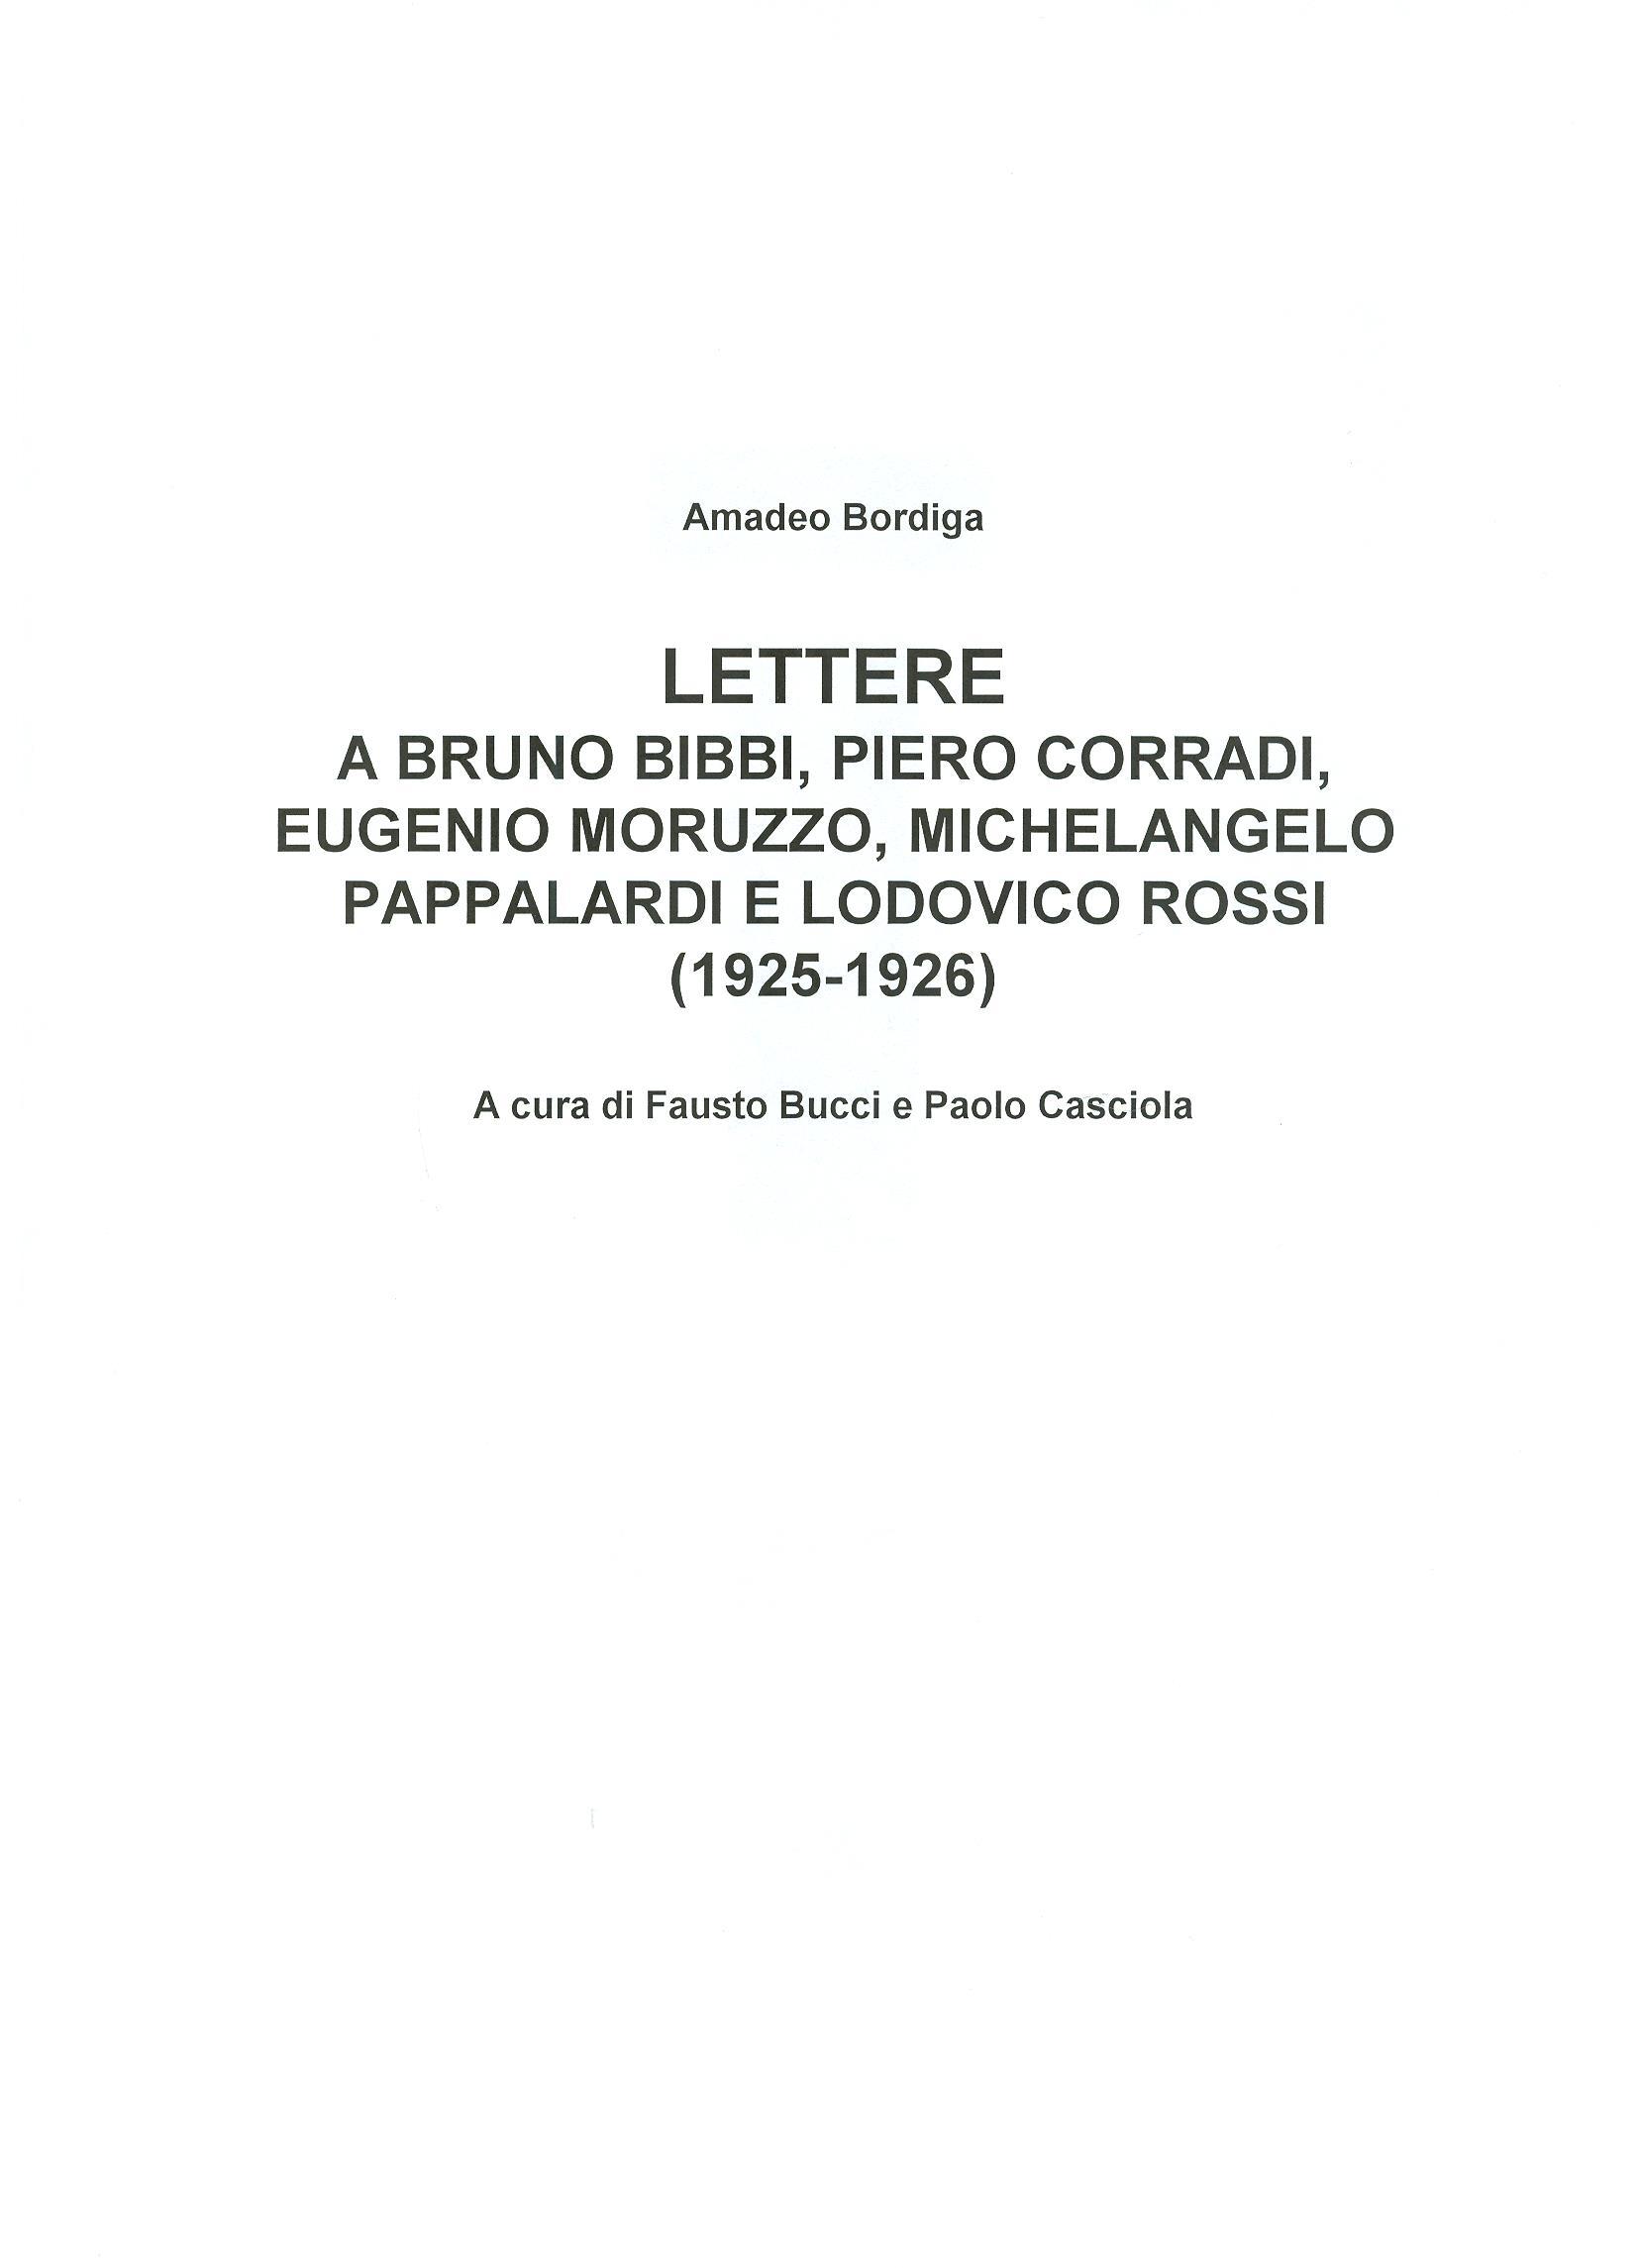 Quaderni del Centro Studi Pietro Tresso (1996-2009) n. 14 (novembre 1998) - pag. 2